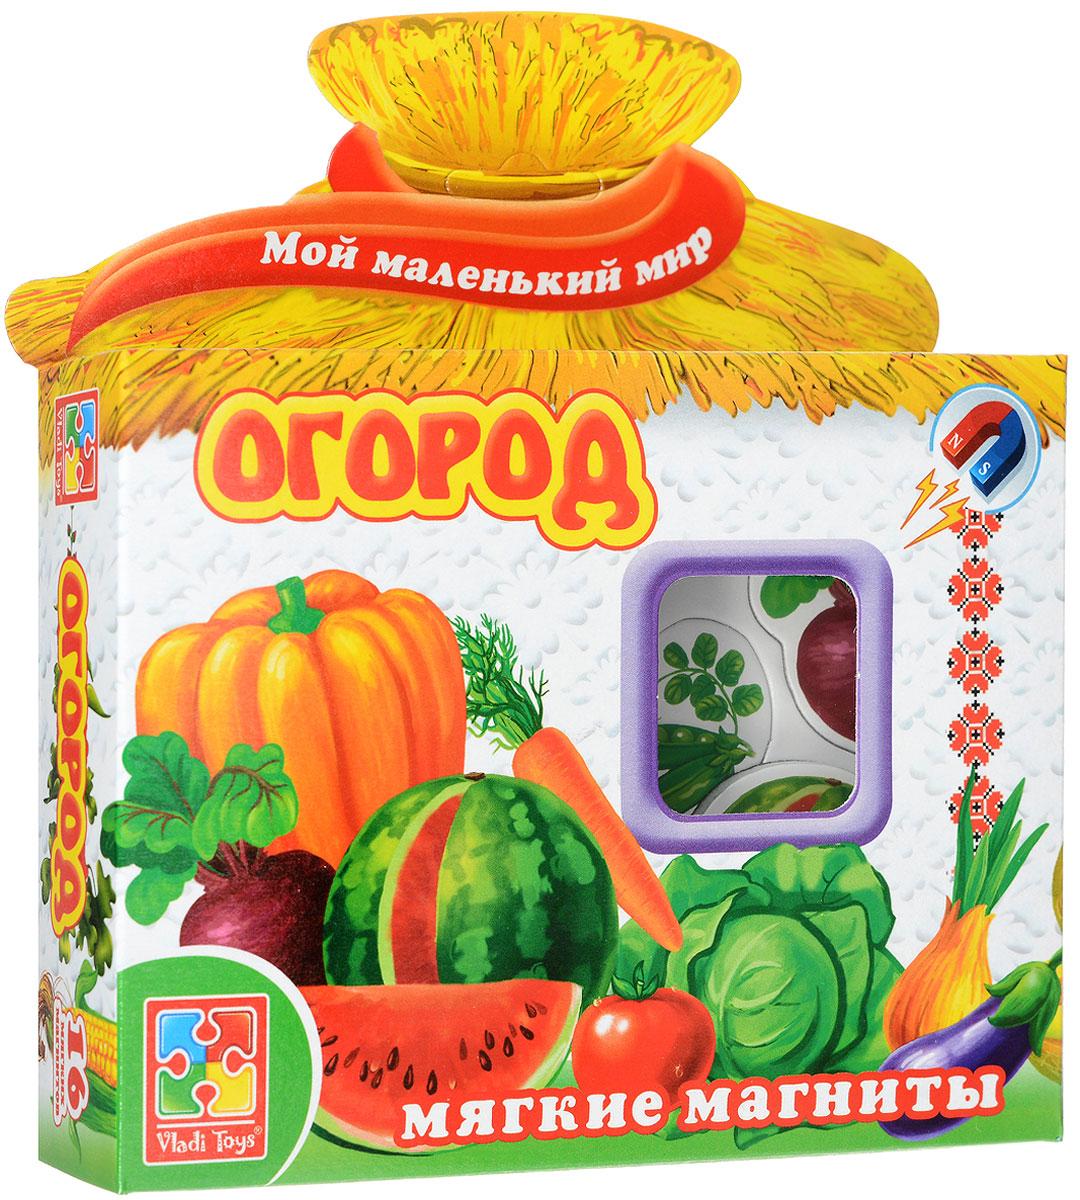 Vladi Toys Развивающая игра ОгородVT3101-02С развивающей магнитной игрой Vladi Toys Огород ваш малыш расширит свои познания об окружающем его мире, увеличит свой словарный запас, сможет весело и познавательно проводить время. Игра познакомит малыша с овощами, которые растут на грядках. С фигурными магнитиками можно играть на специальном магнитном планшете или просто на любой ровной металлической поверхности. В рекомендациях предлагается несколько вариантов игр. Обучающая игра на магнитах Vladi Toys Огород научит ребенка соотносить название объекта с его изображением. В наборе 16 мягких магнитов толщиной 3 мм.